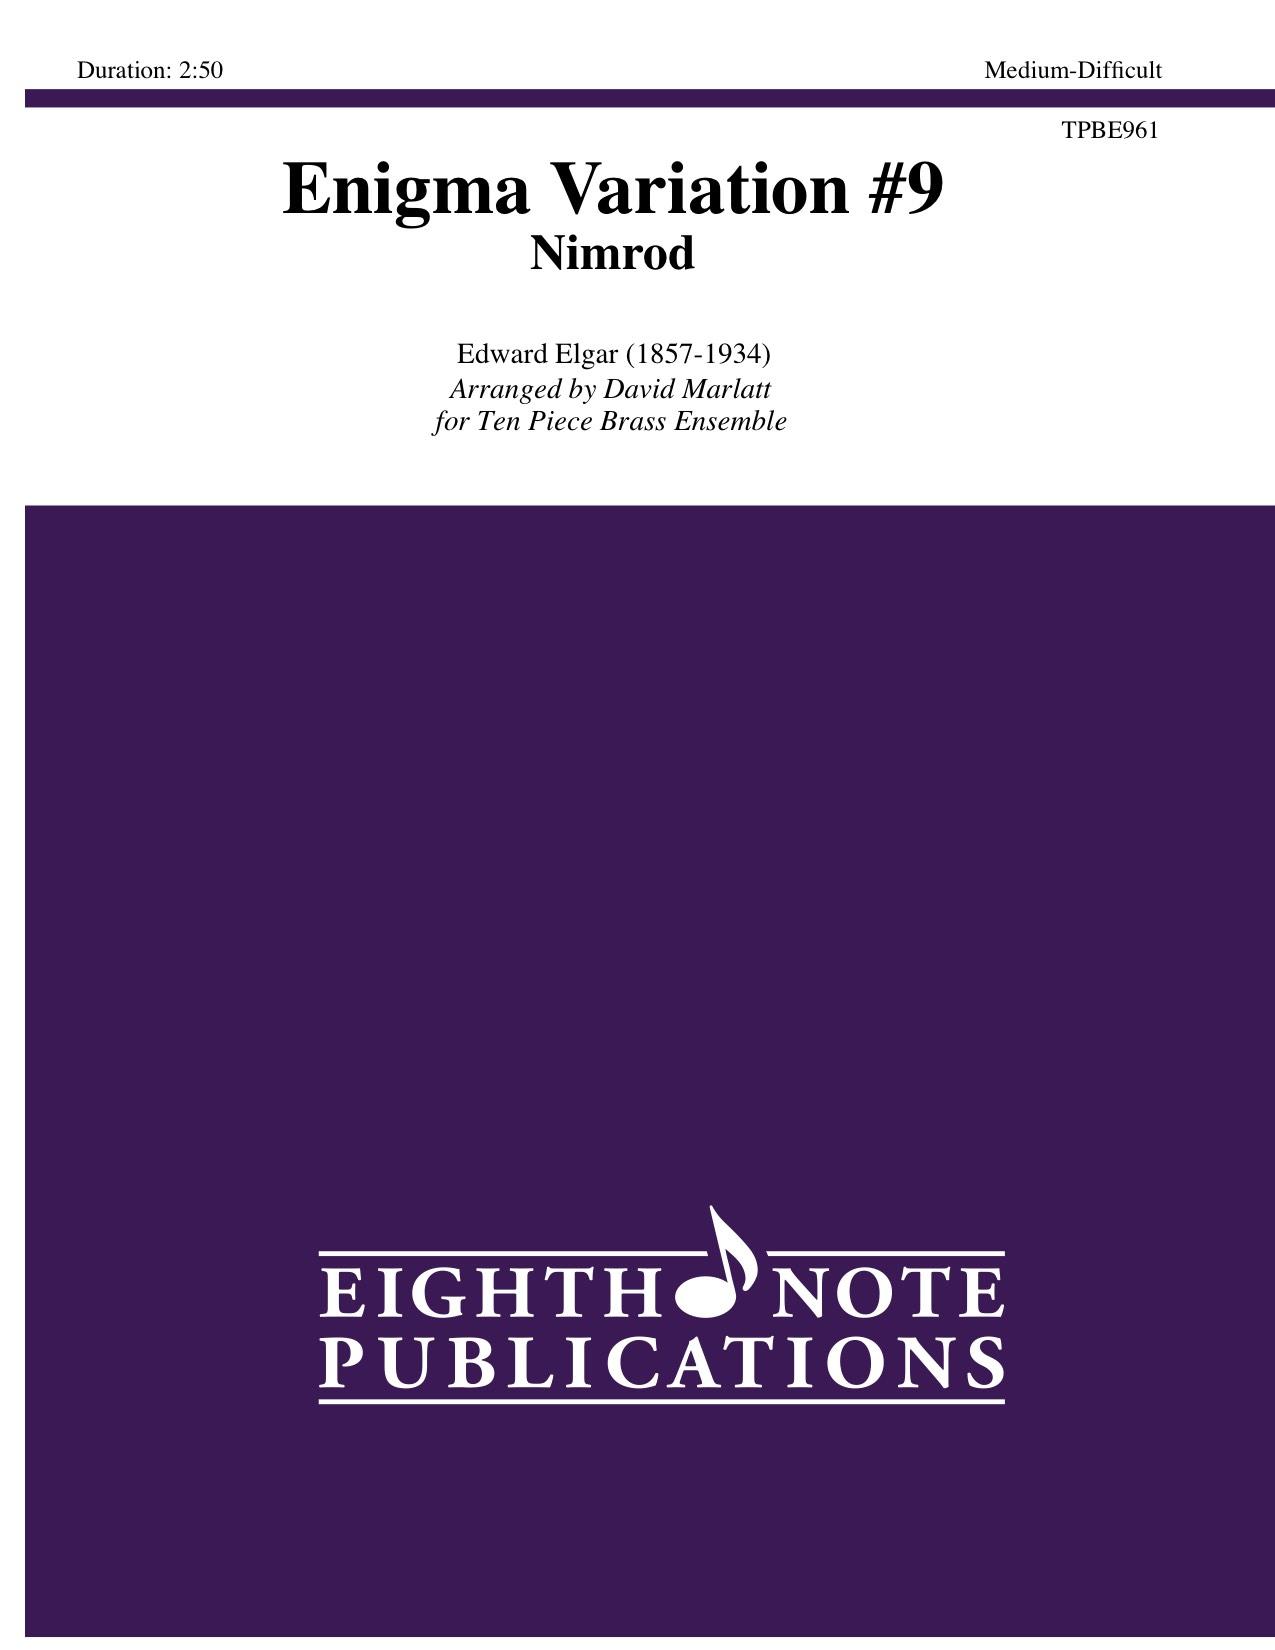 Enigma Variation # 9 - Nimrod - Edward Elgar